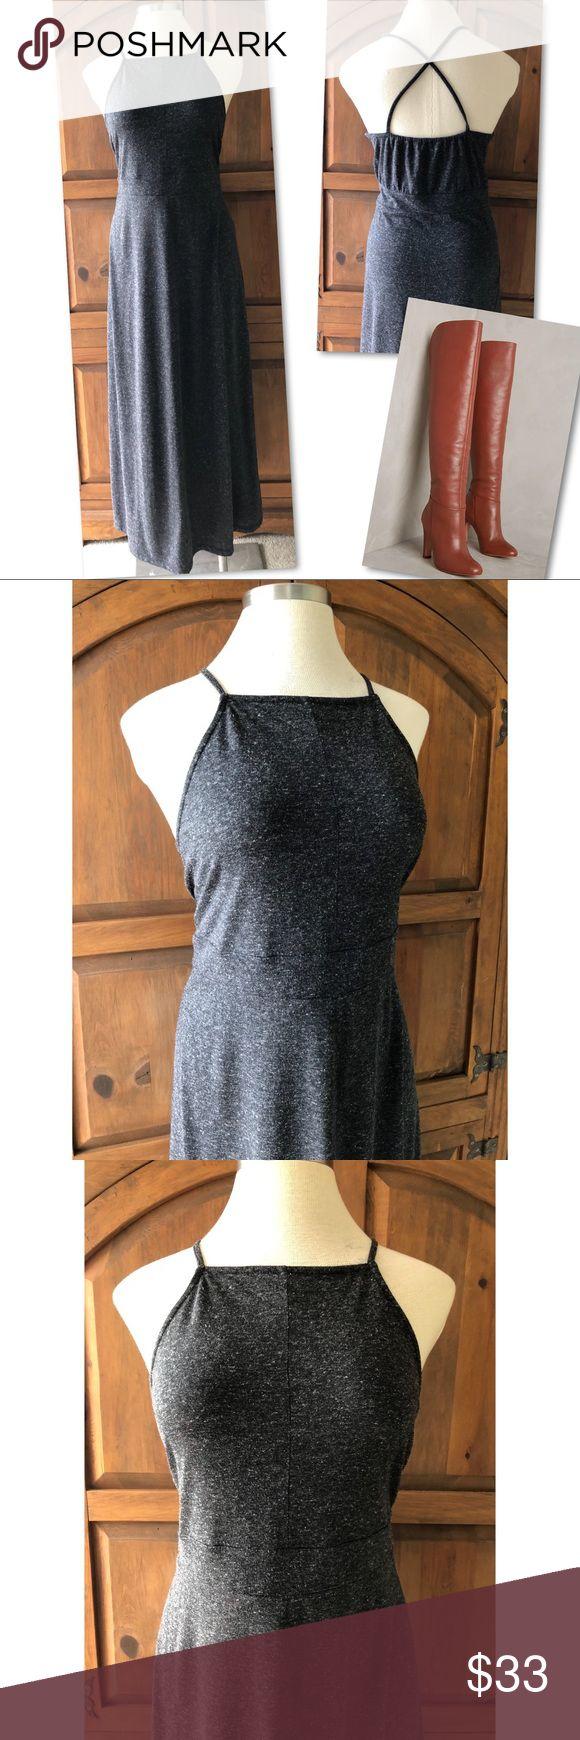 ANN TAYLOR LOFT BEACH GREY MAXI DRESS SZ XL ANN TAYLOR LOFT BEACH GREY MAXI DRESS SZ XL LOFT Dresses Maxi